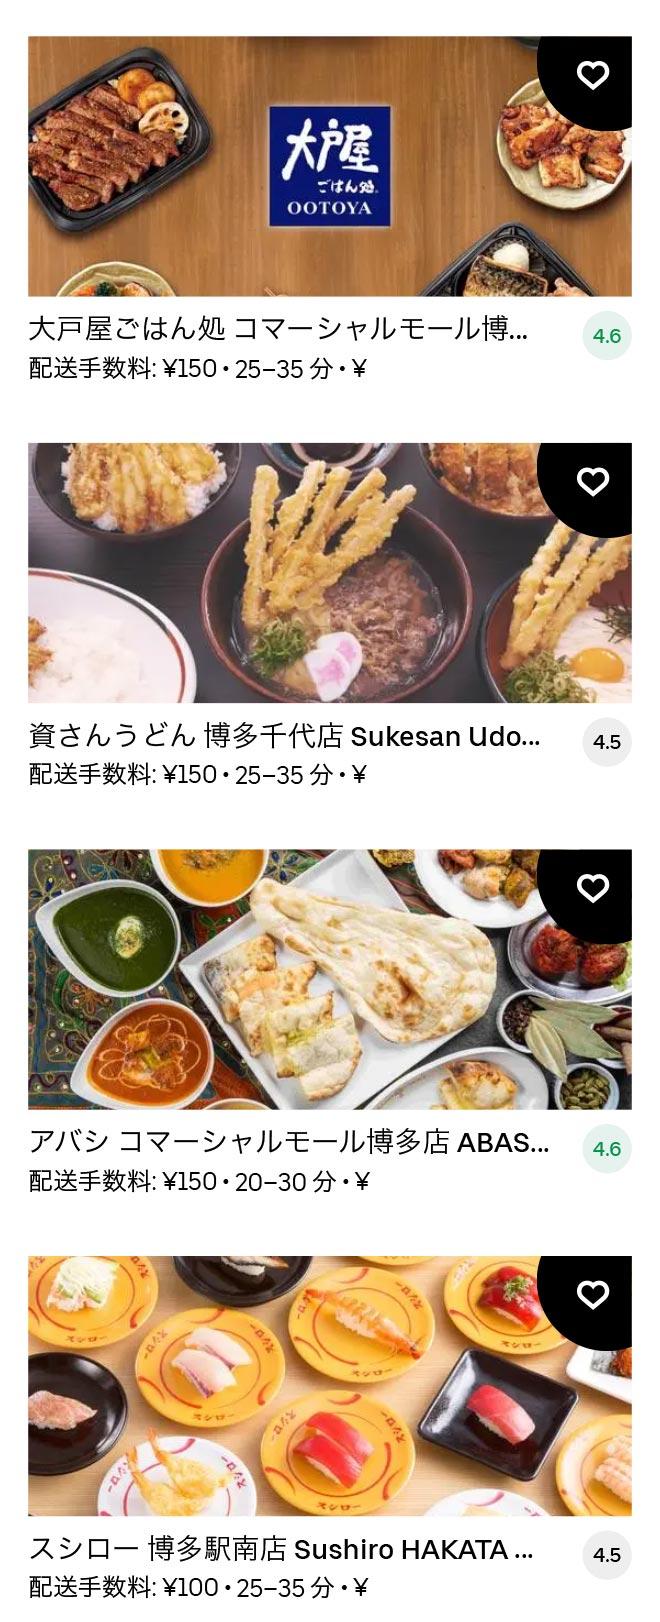 Higashi hie menu 2101 12